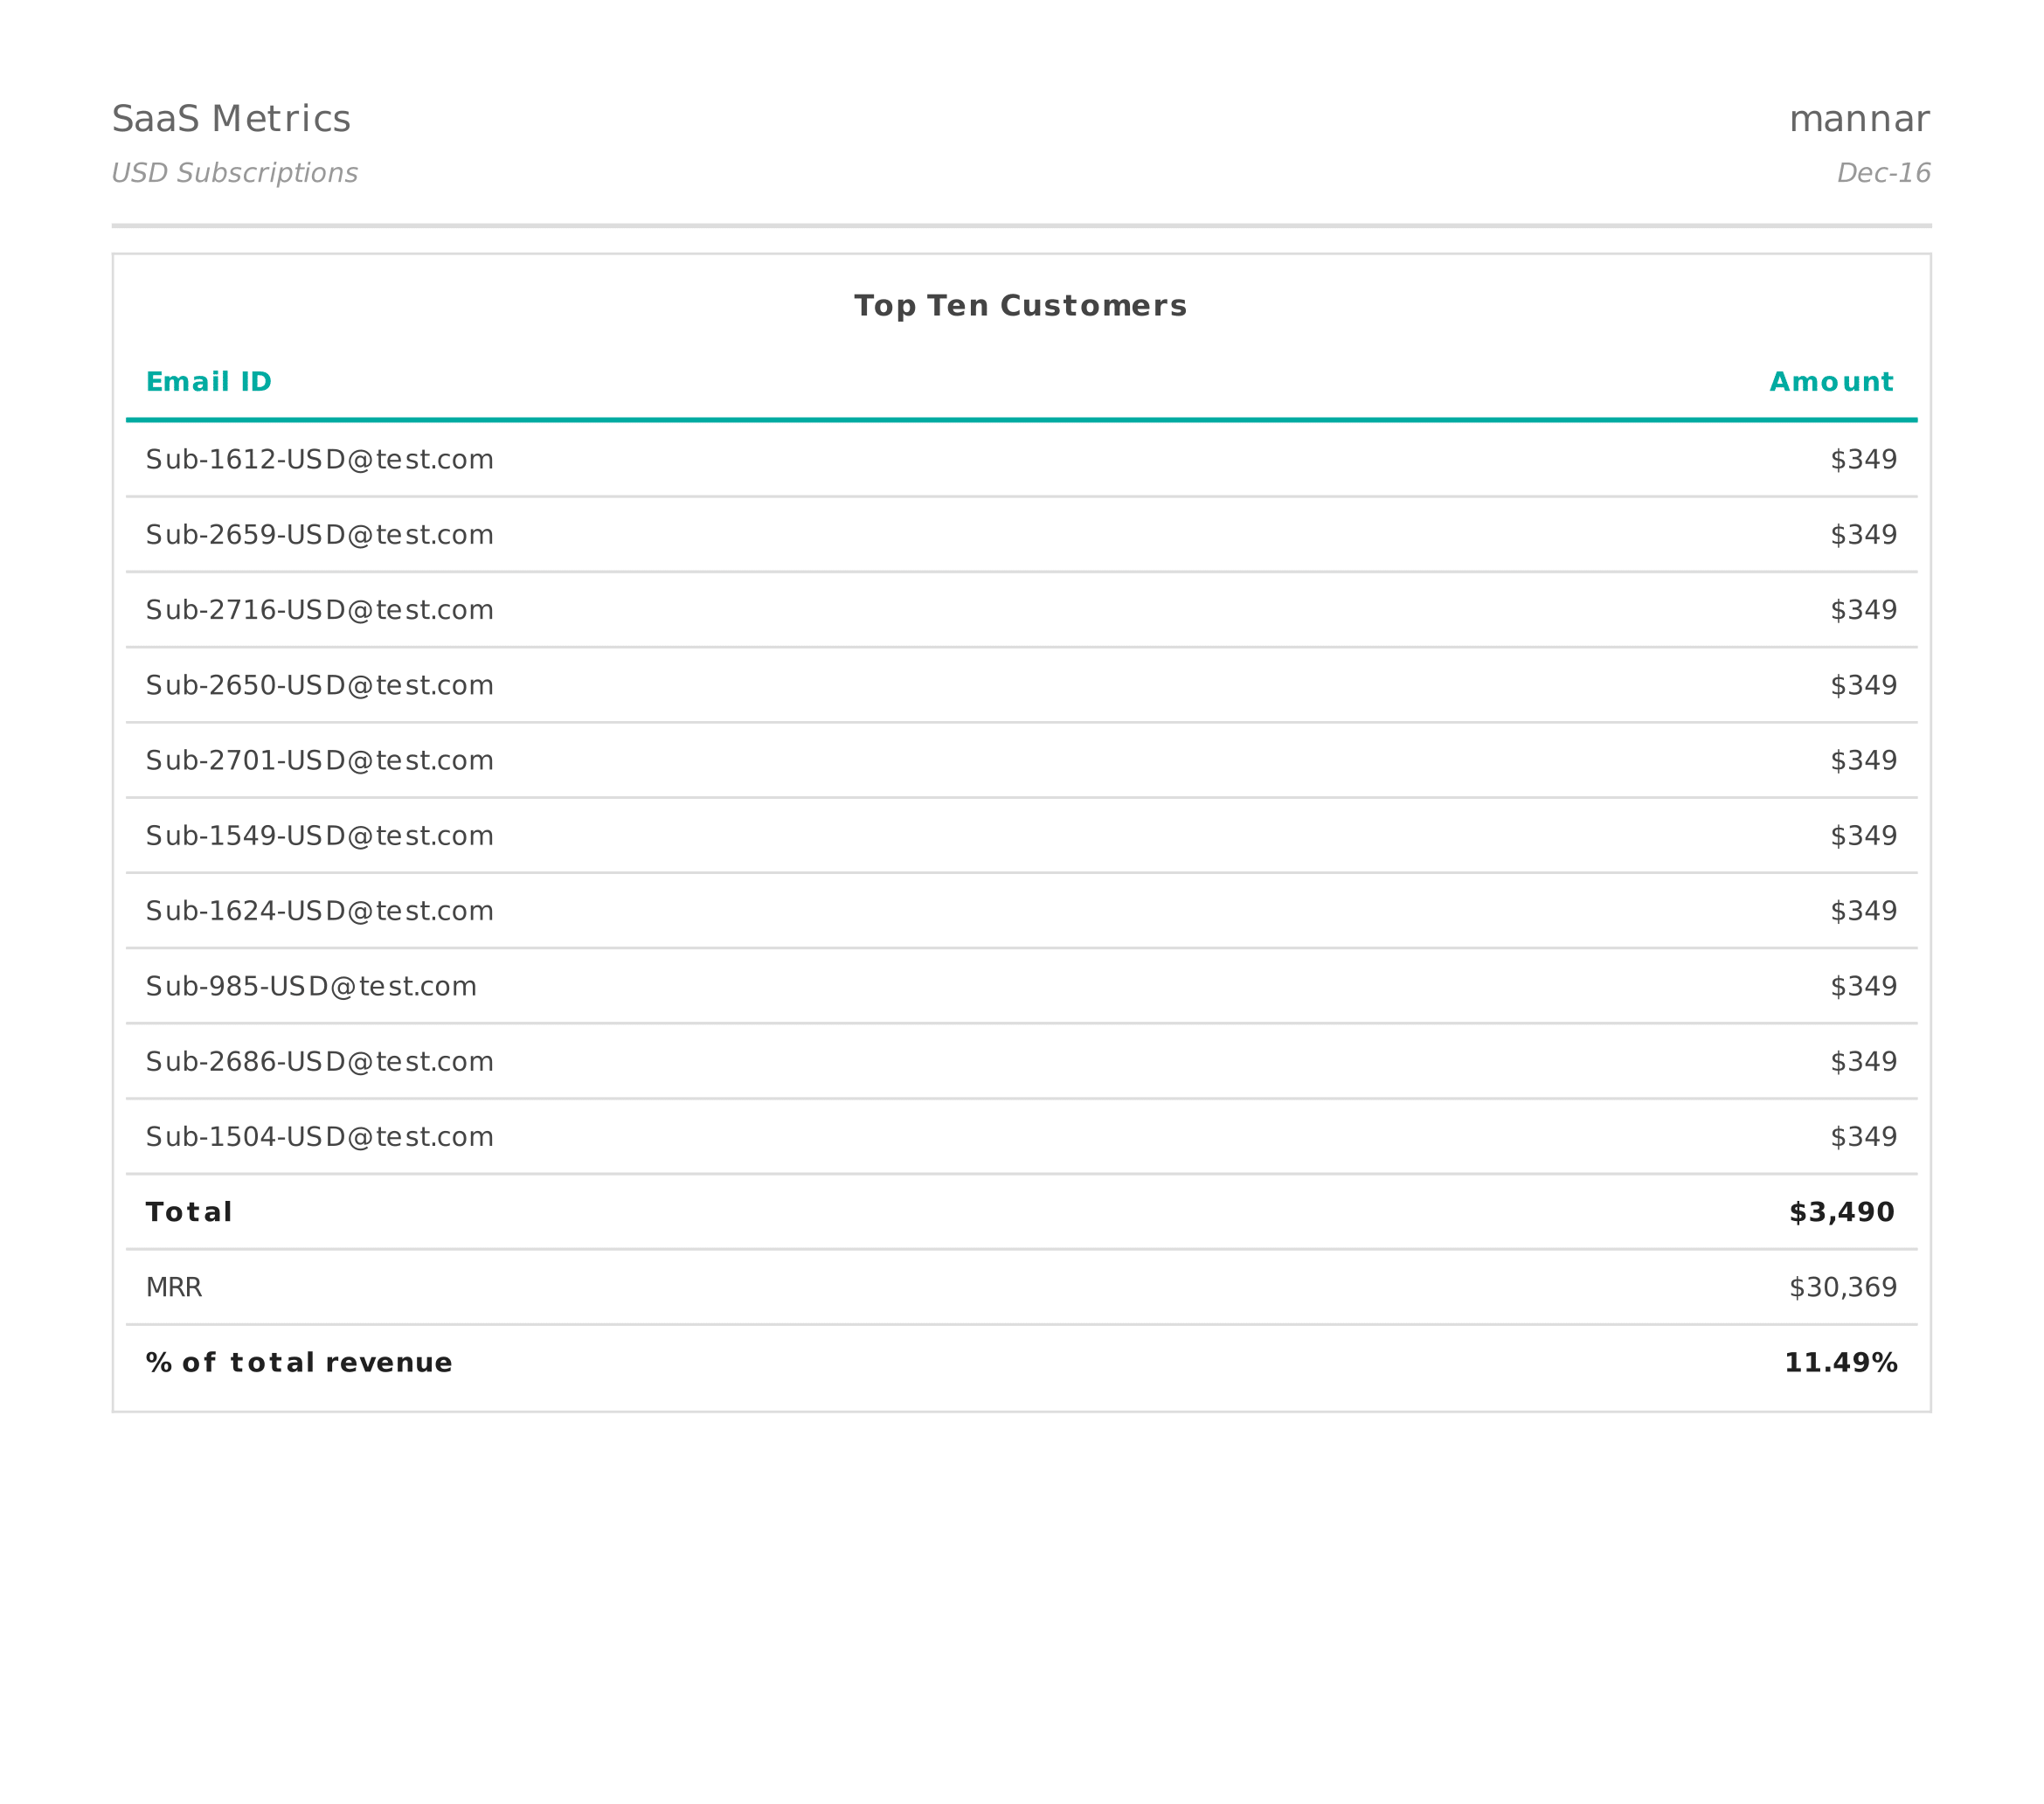 Chargebee SaaS Metrics